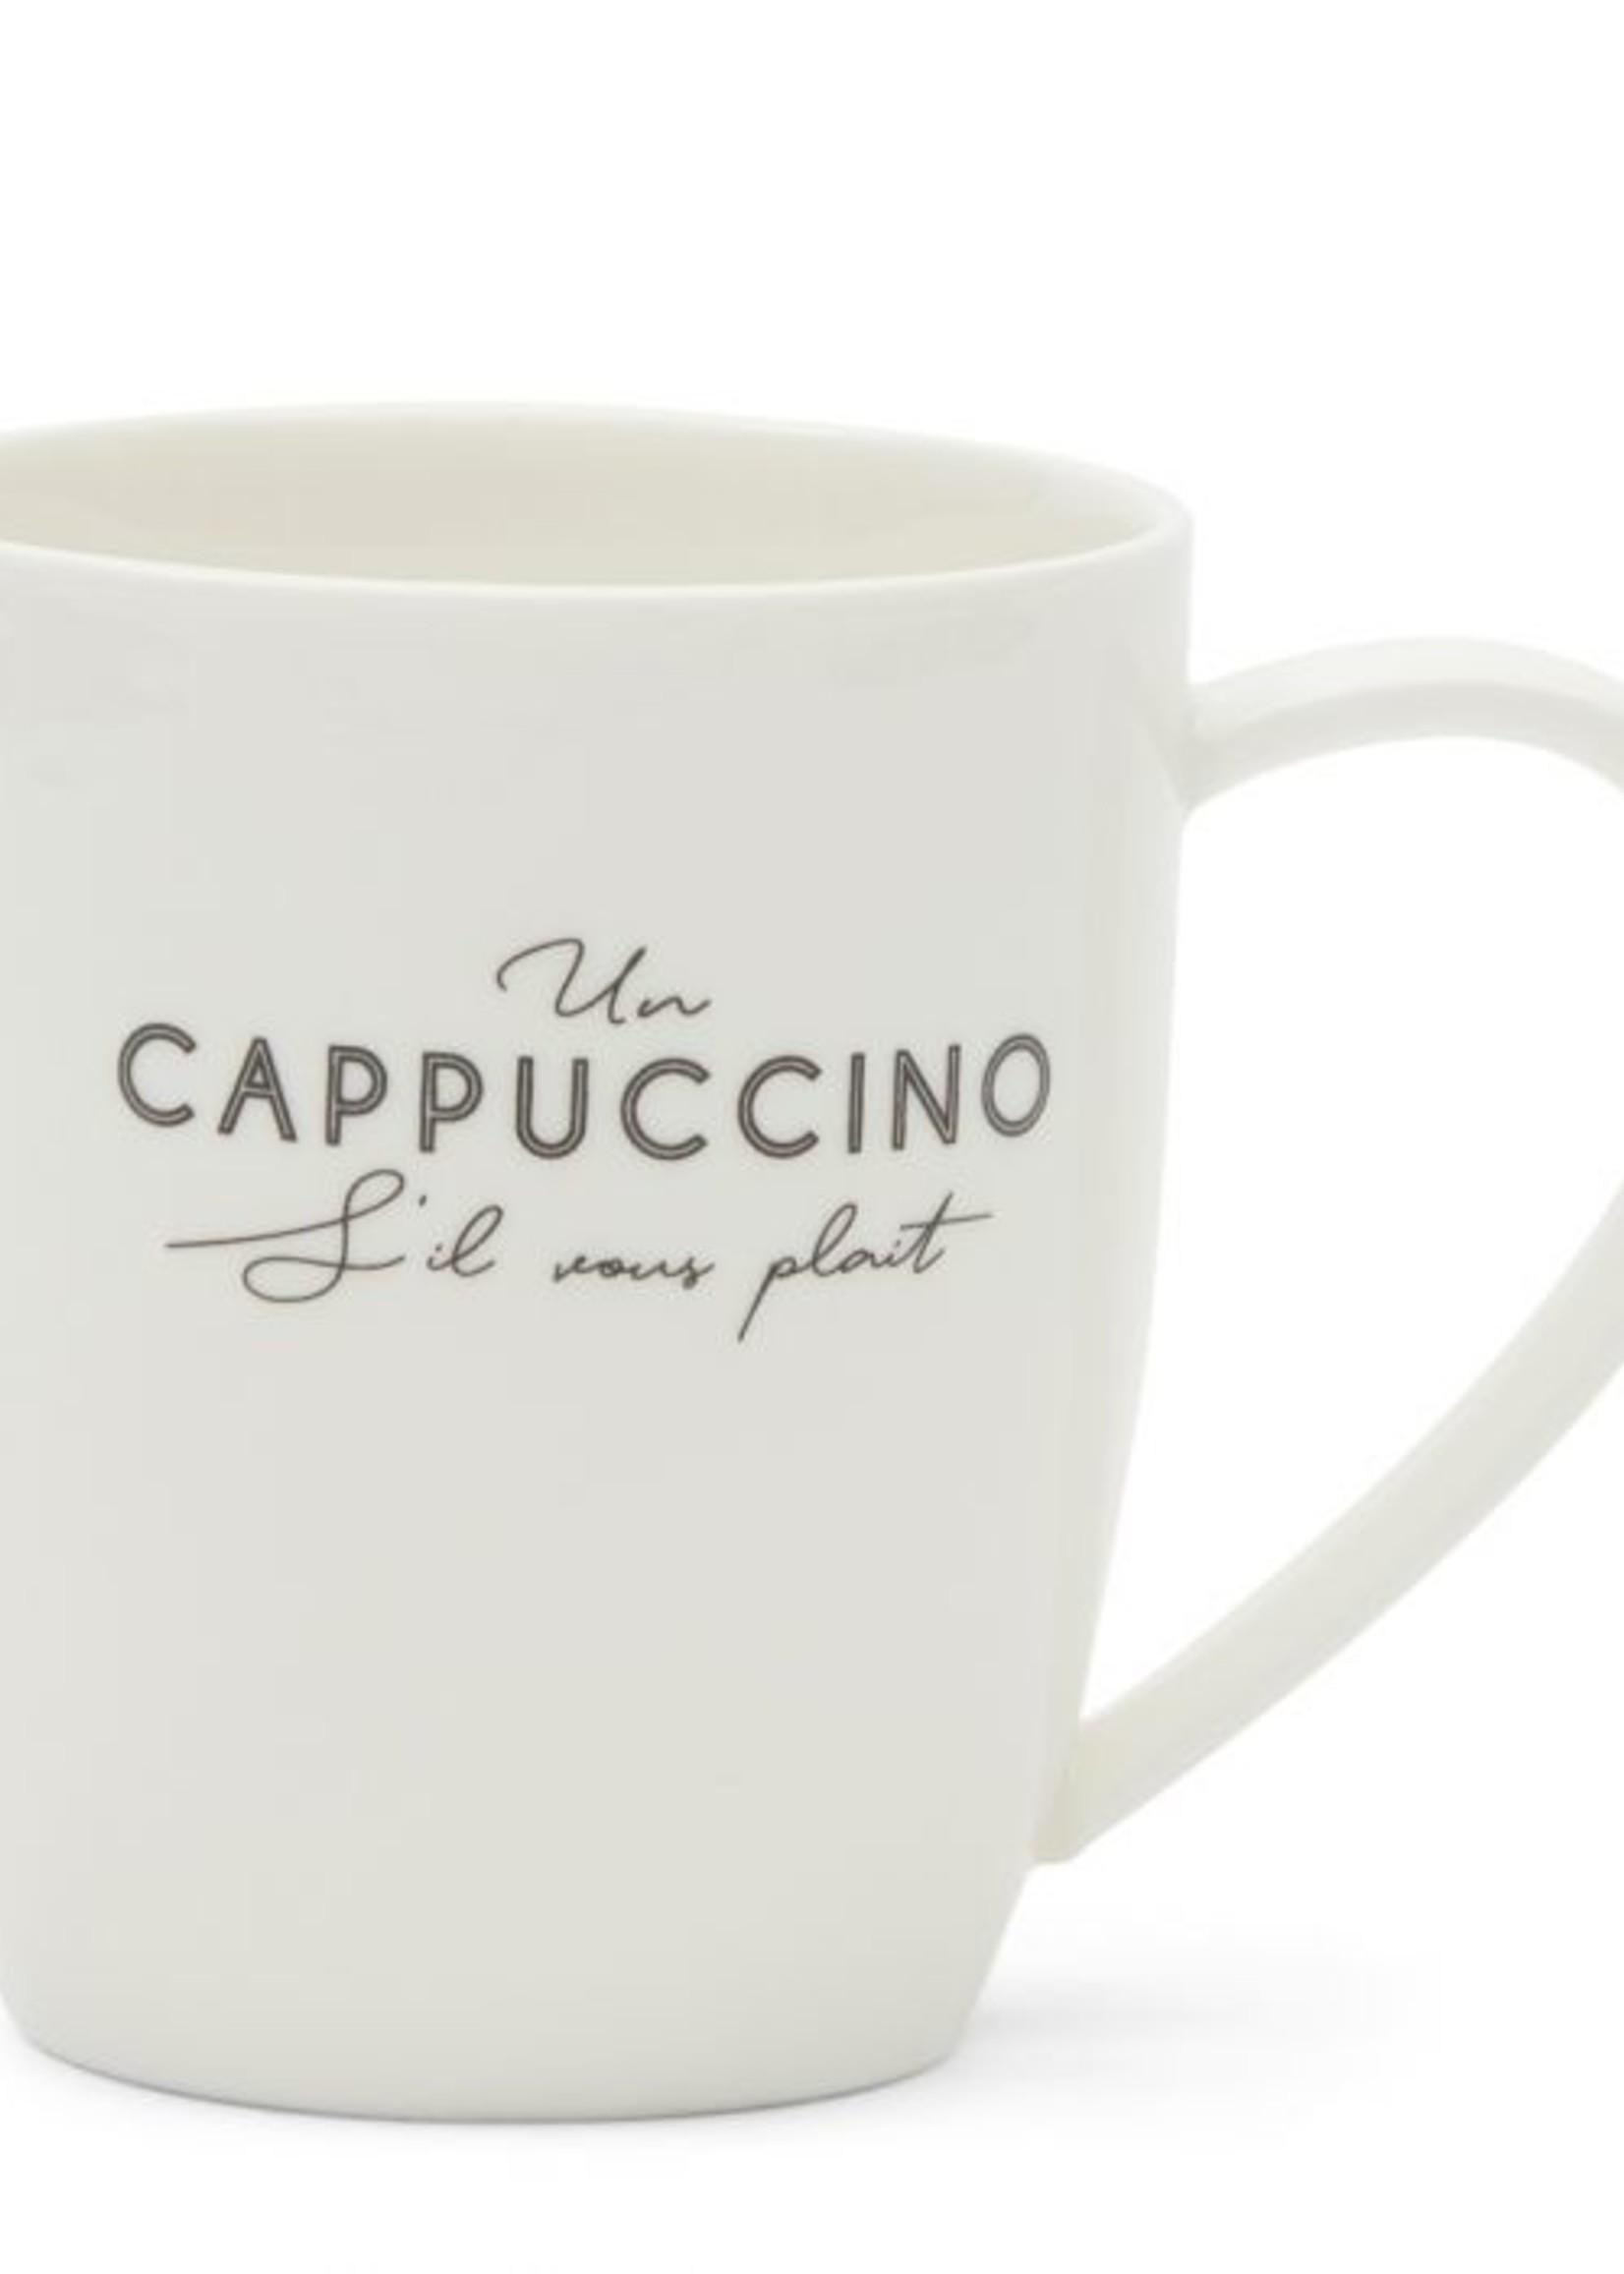 Riviera Maison S'il Vous Plaît Cappuccino Mug